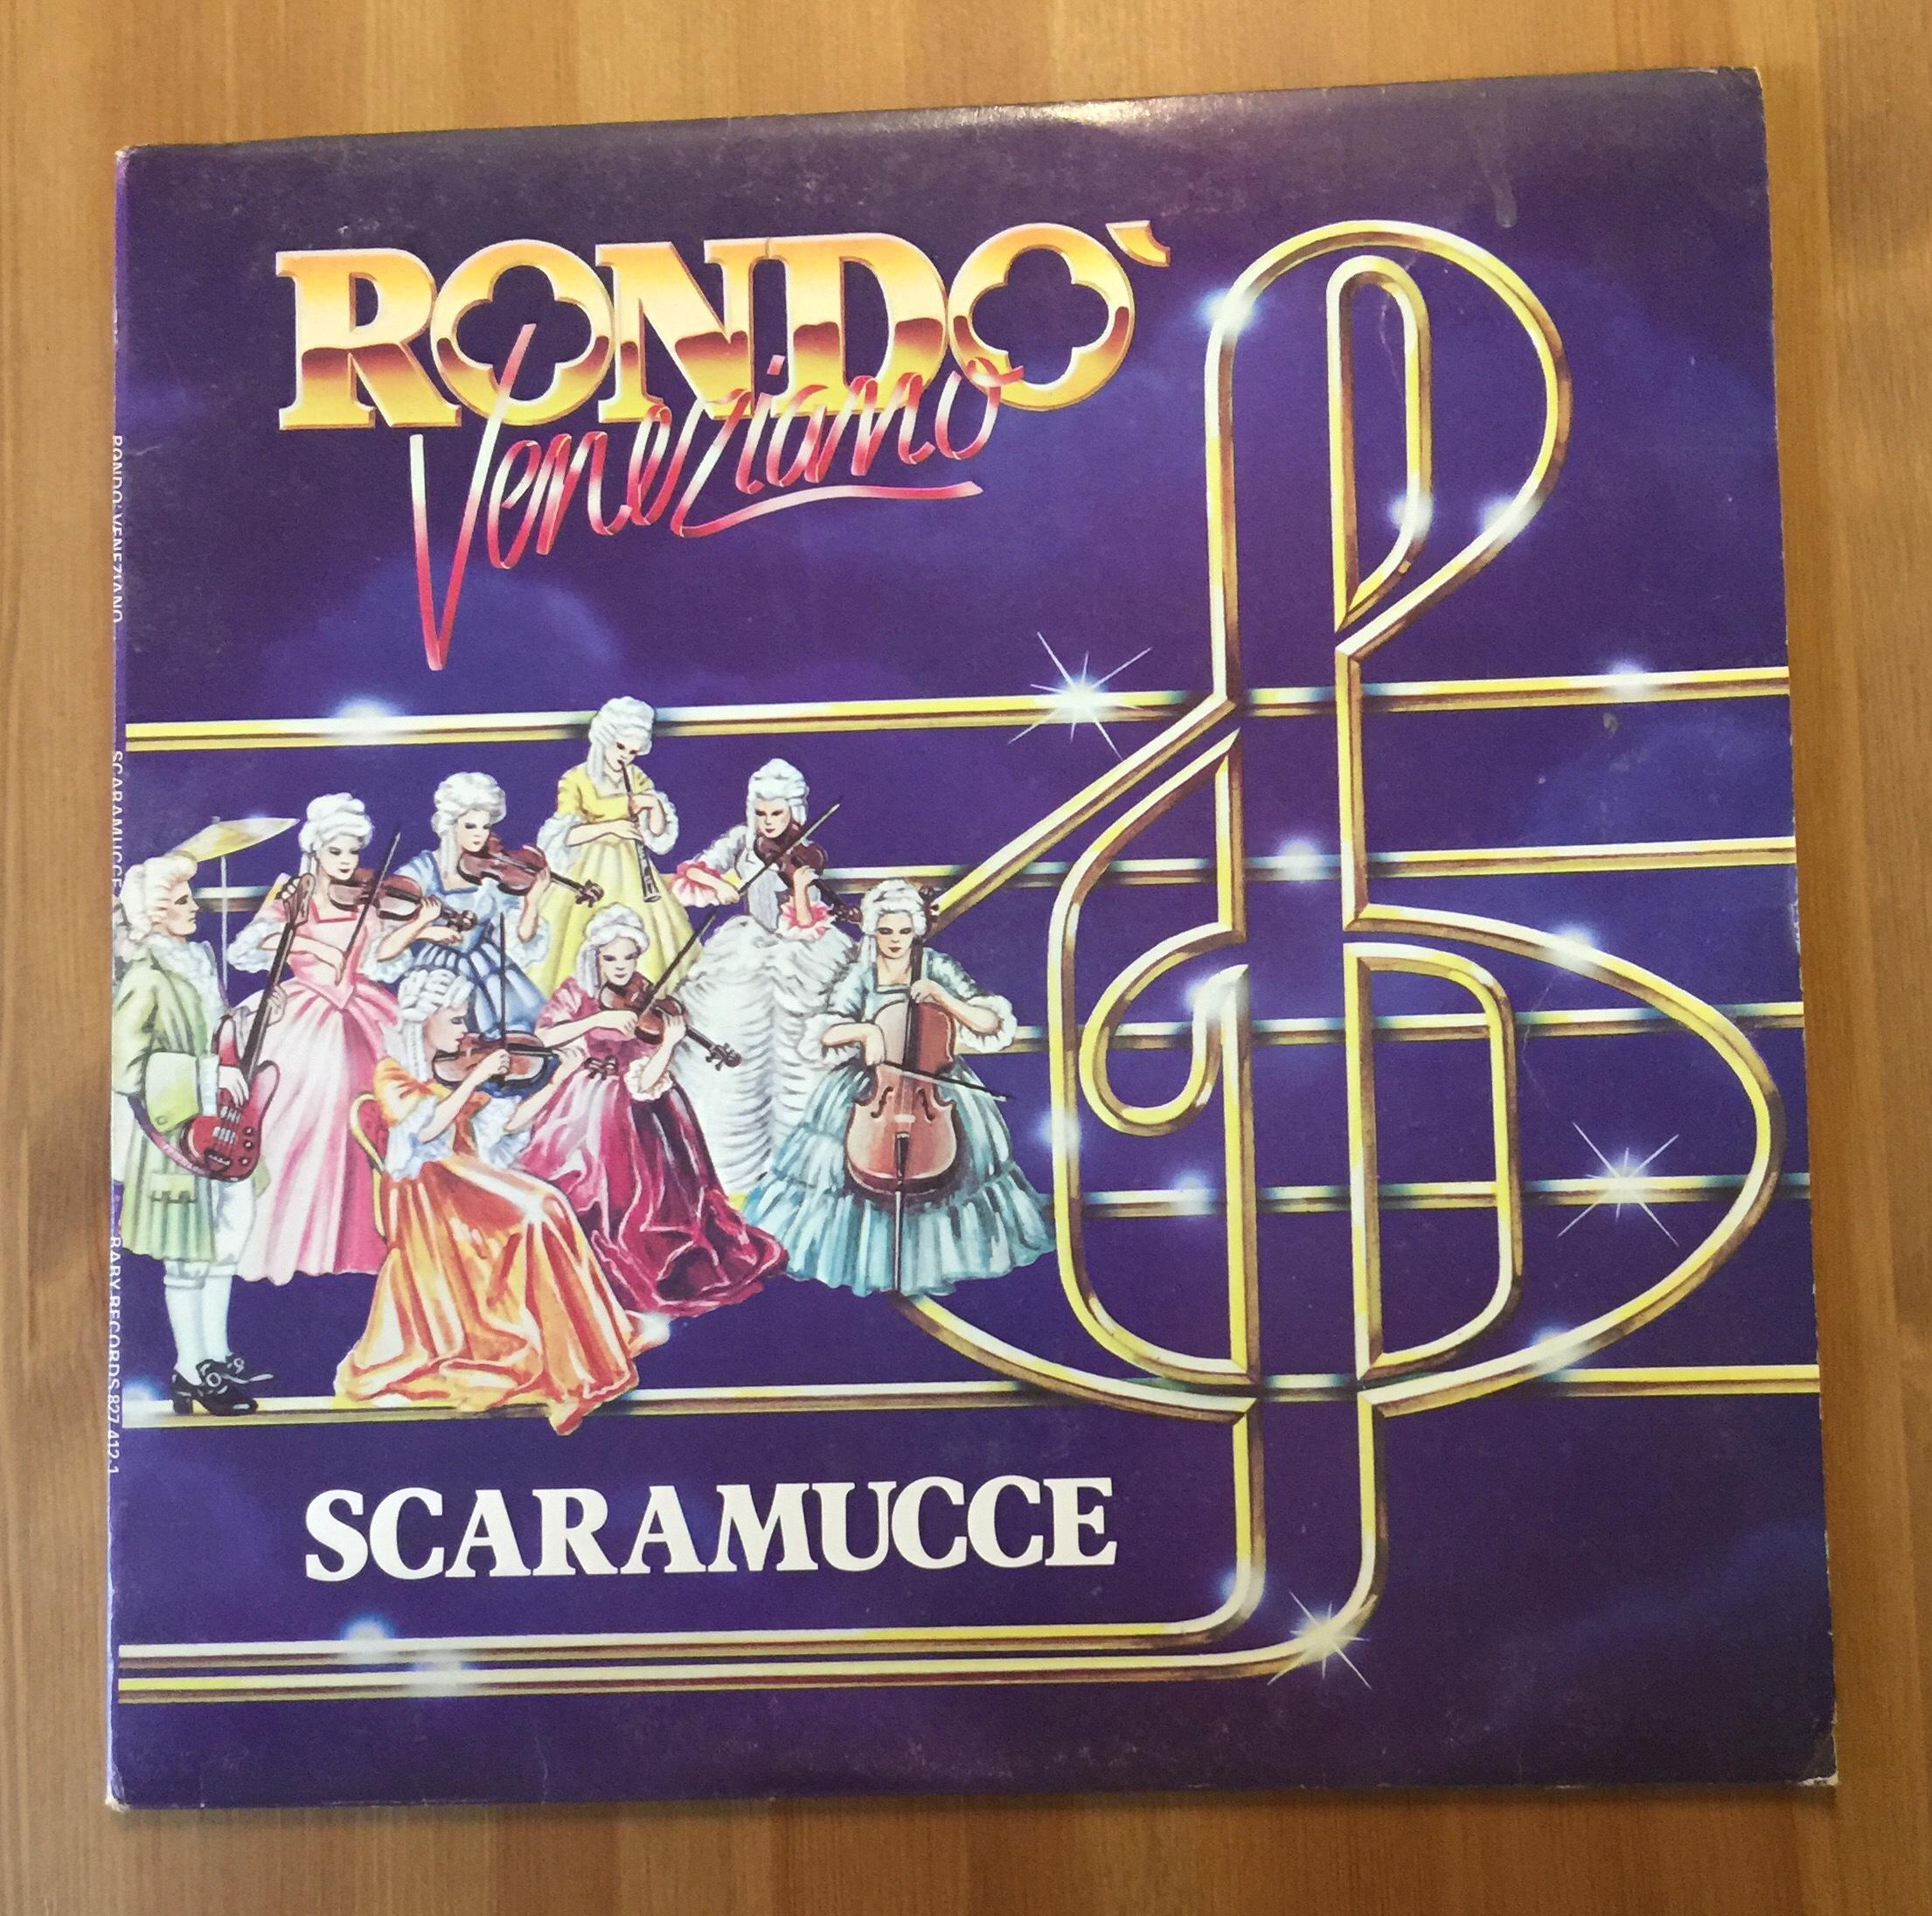 Achetez disque vinyle 33 occasion annonce vente saint loy les mines 63 - Collectionneur de disque vinyl 33 tours ...